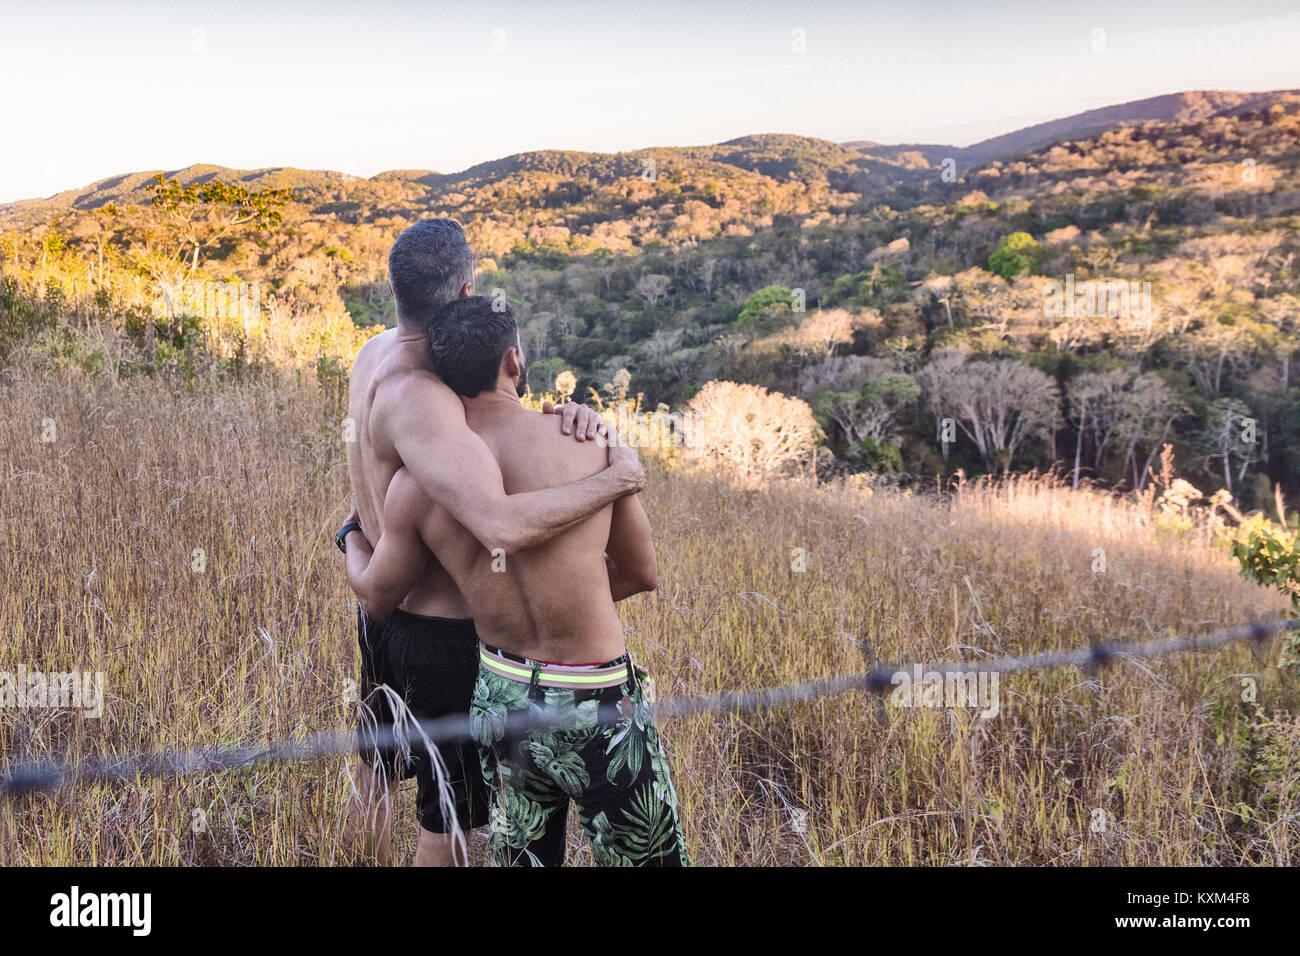 Vue arrière des deux hommes torse nu en voyant,paysage,Brésil,Ceara Guaramiranga Photo Stock